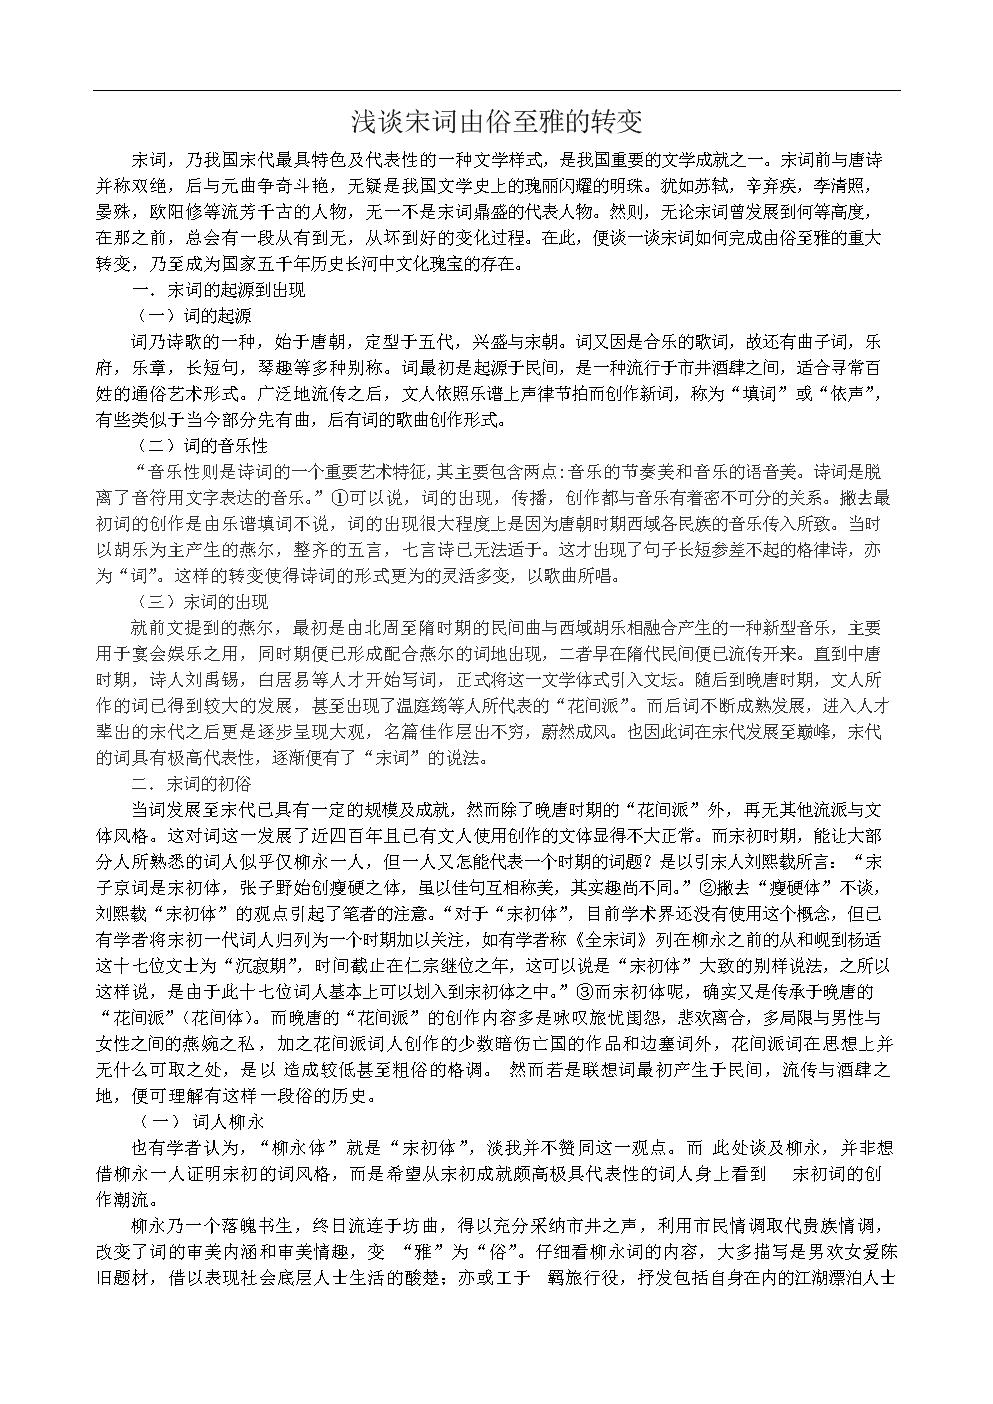 淺談宋詞由俗至雅的轉變.doc